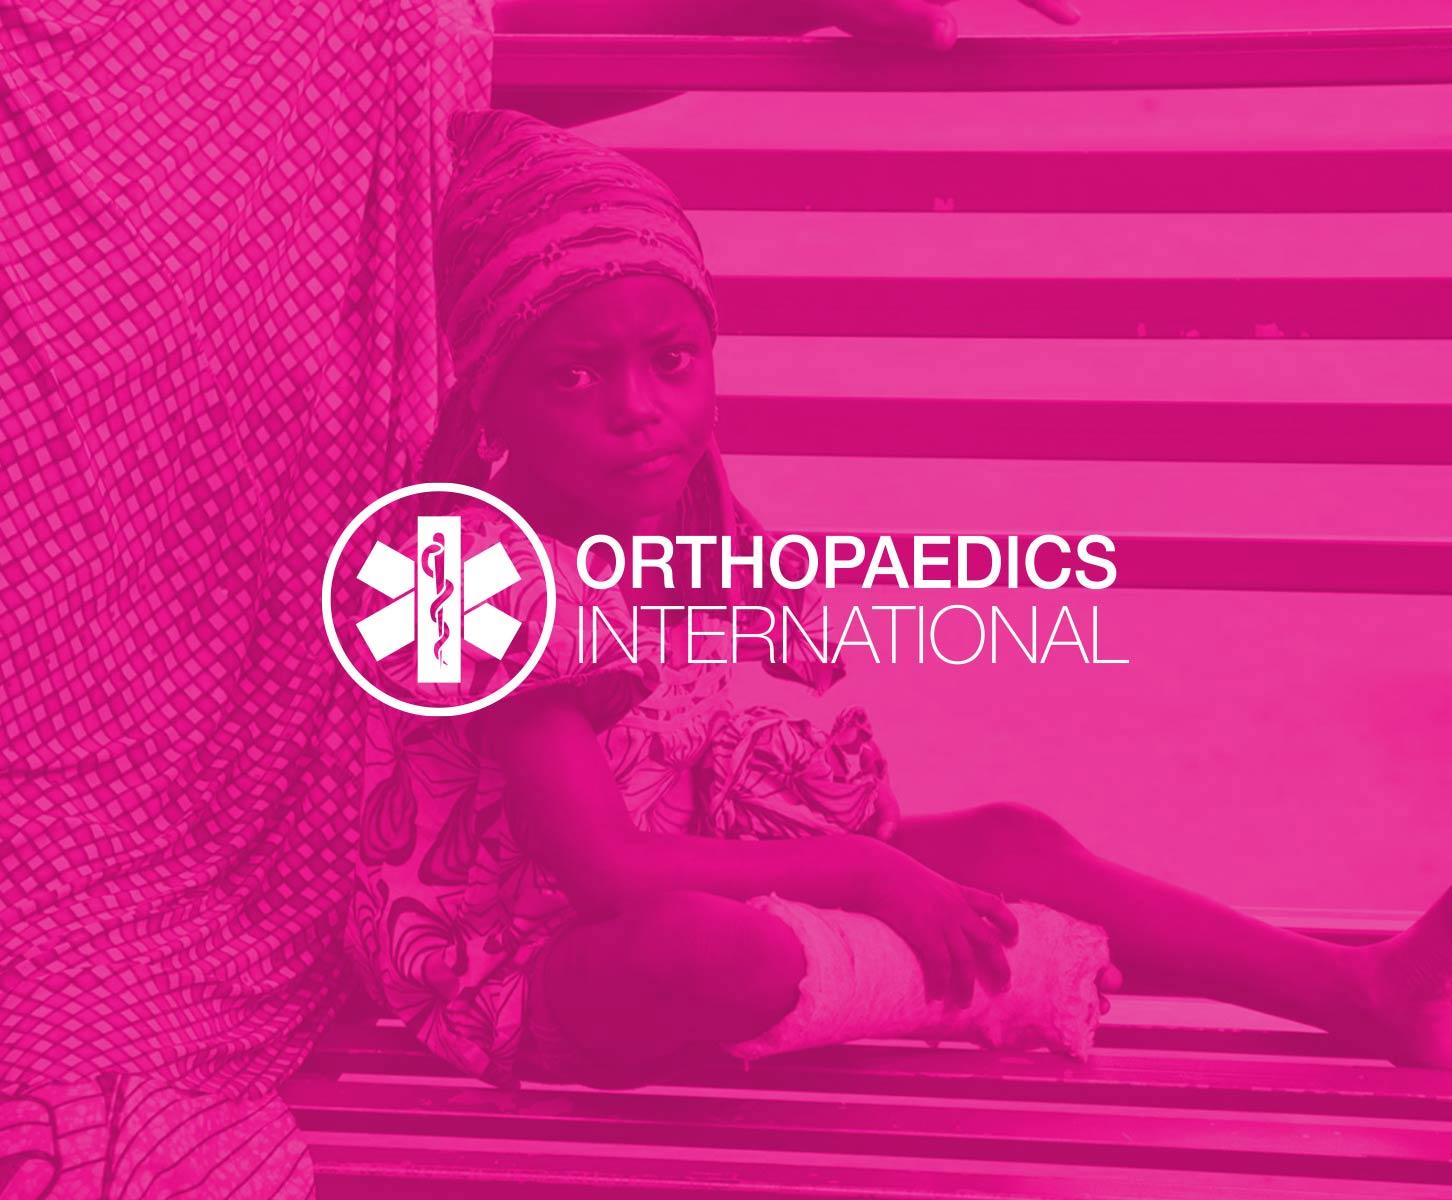 Orthopaedics International Cover